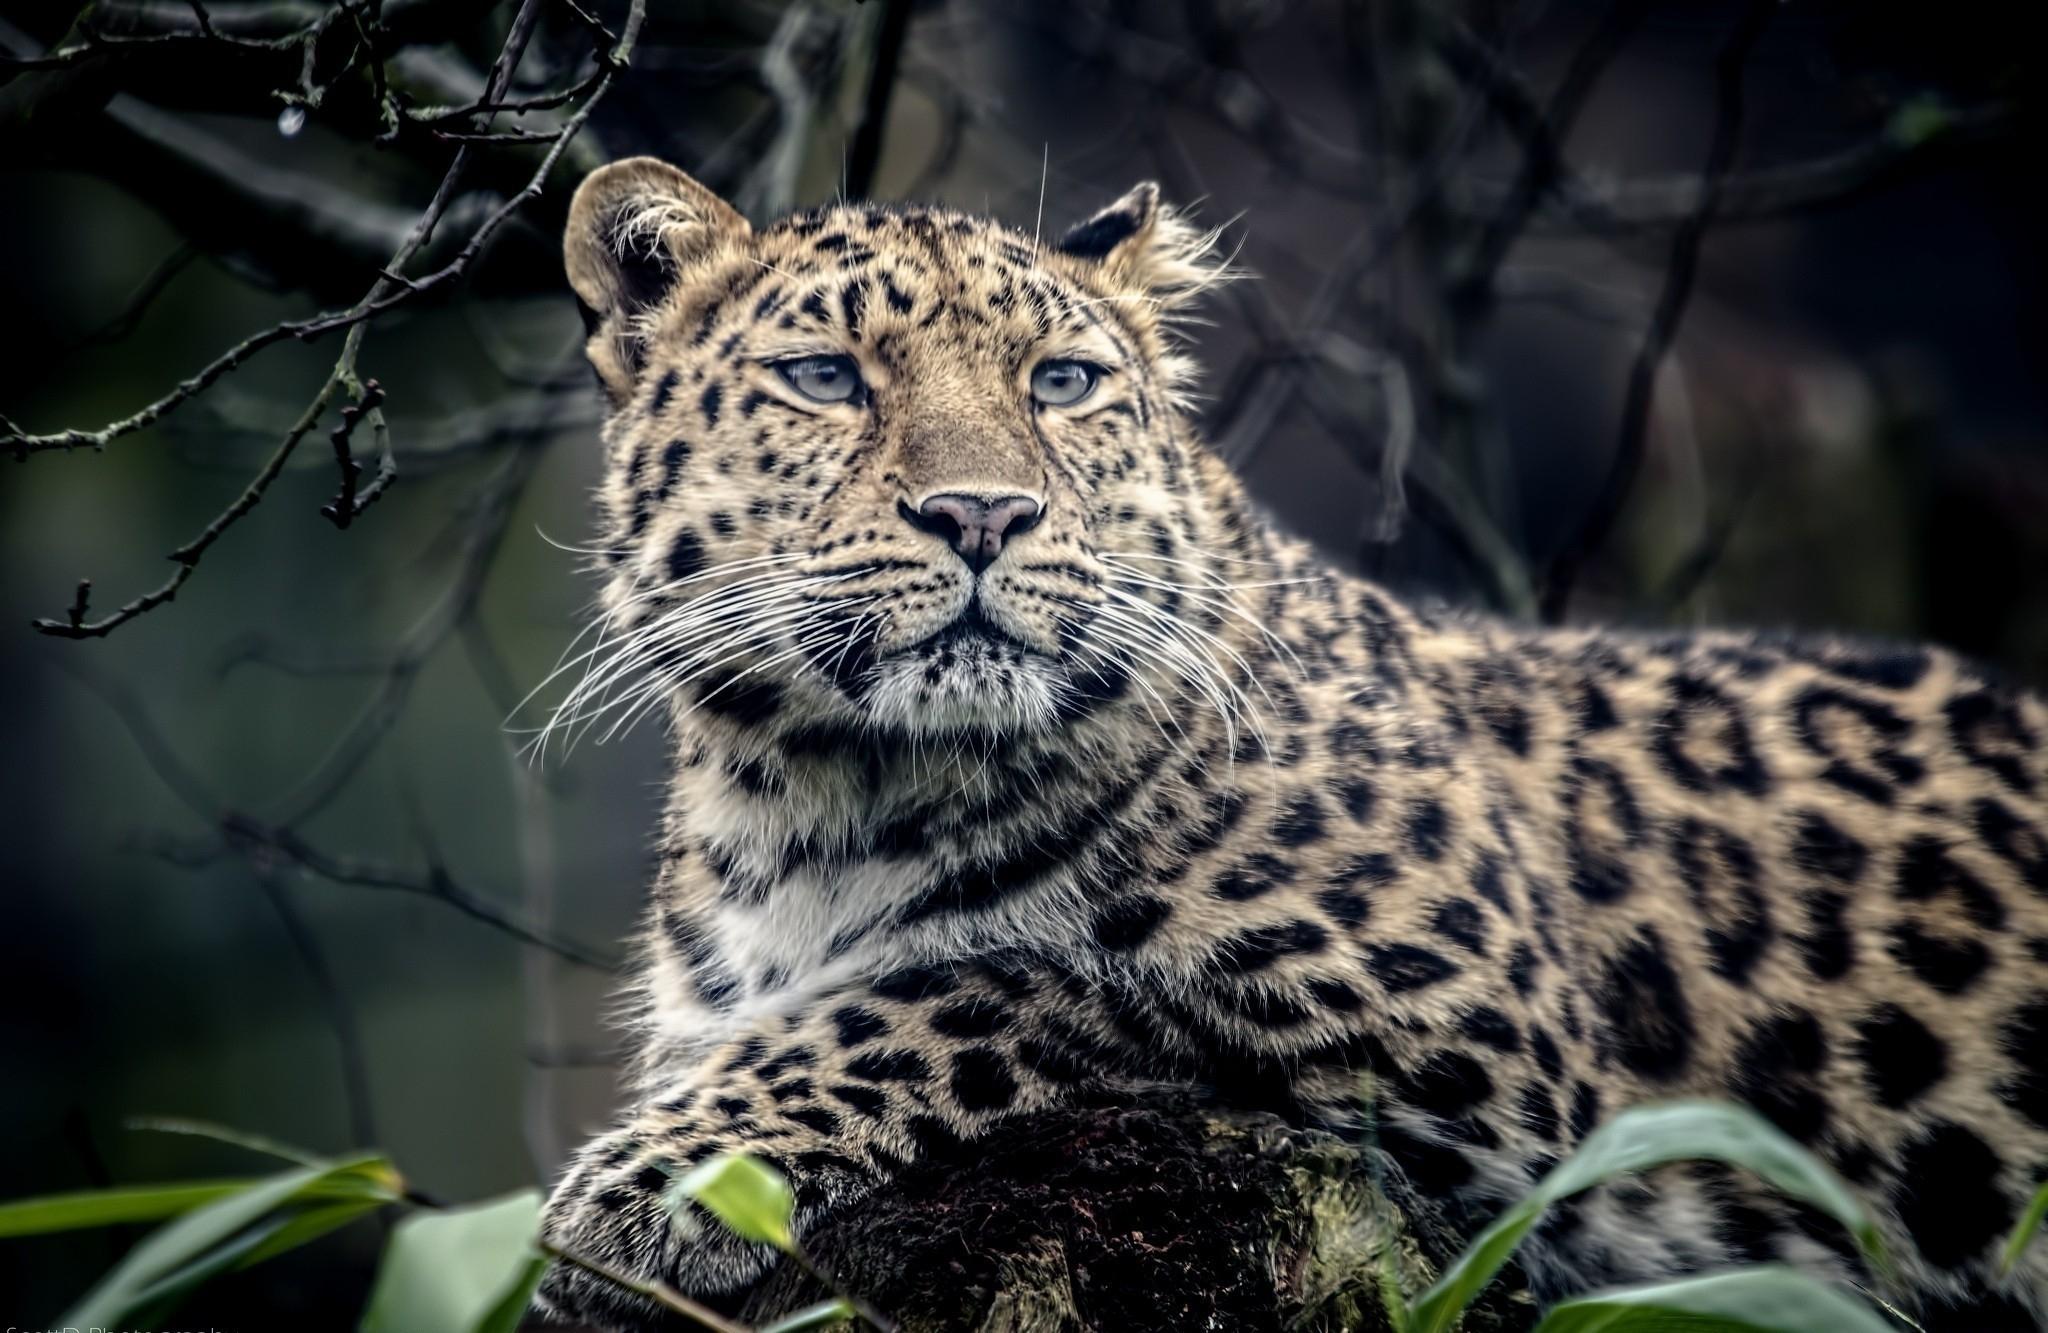 96217 Protetores de tela e papéis de parede Opinião em seu telefone. Baixe Animais, Leopardo, Focinho, Predator, Predador, Tristeza, Visão, Opinião fotos gratuitamente